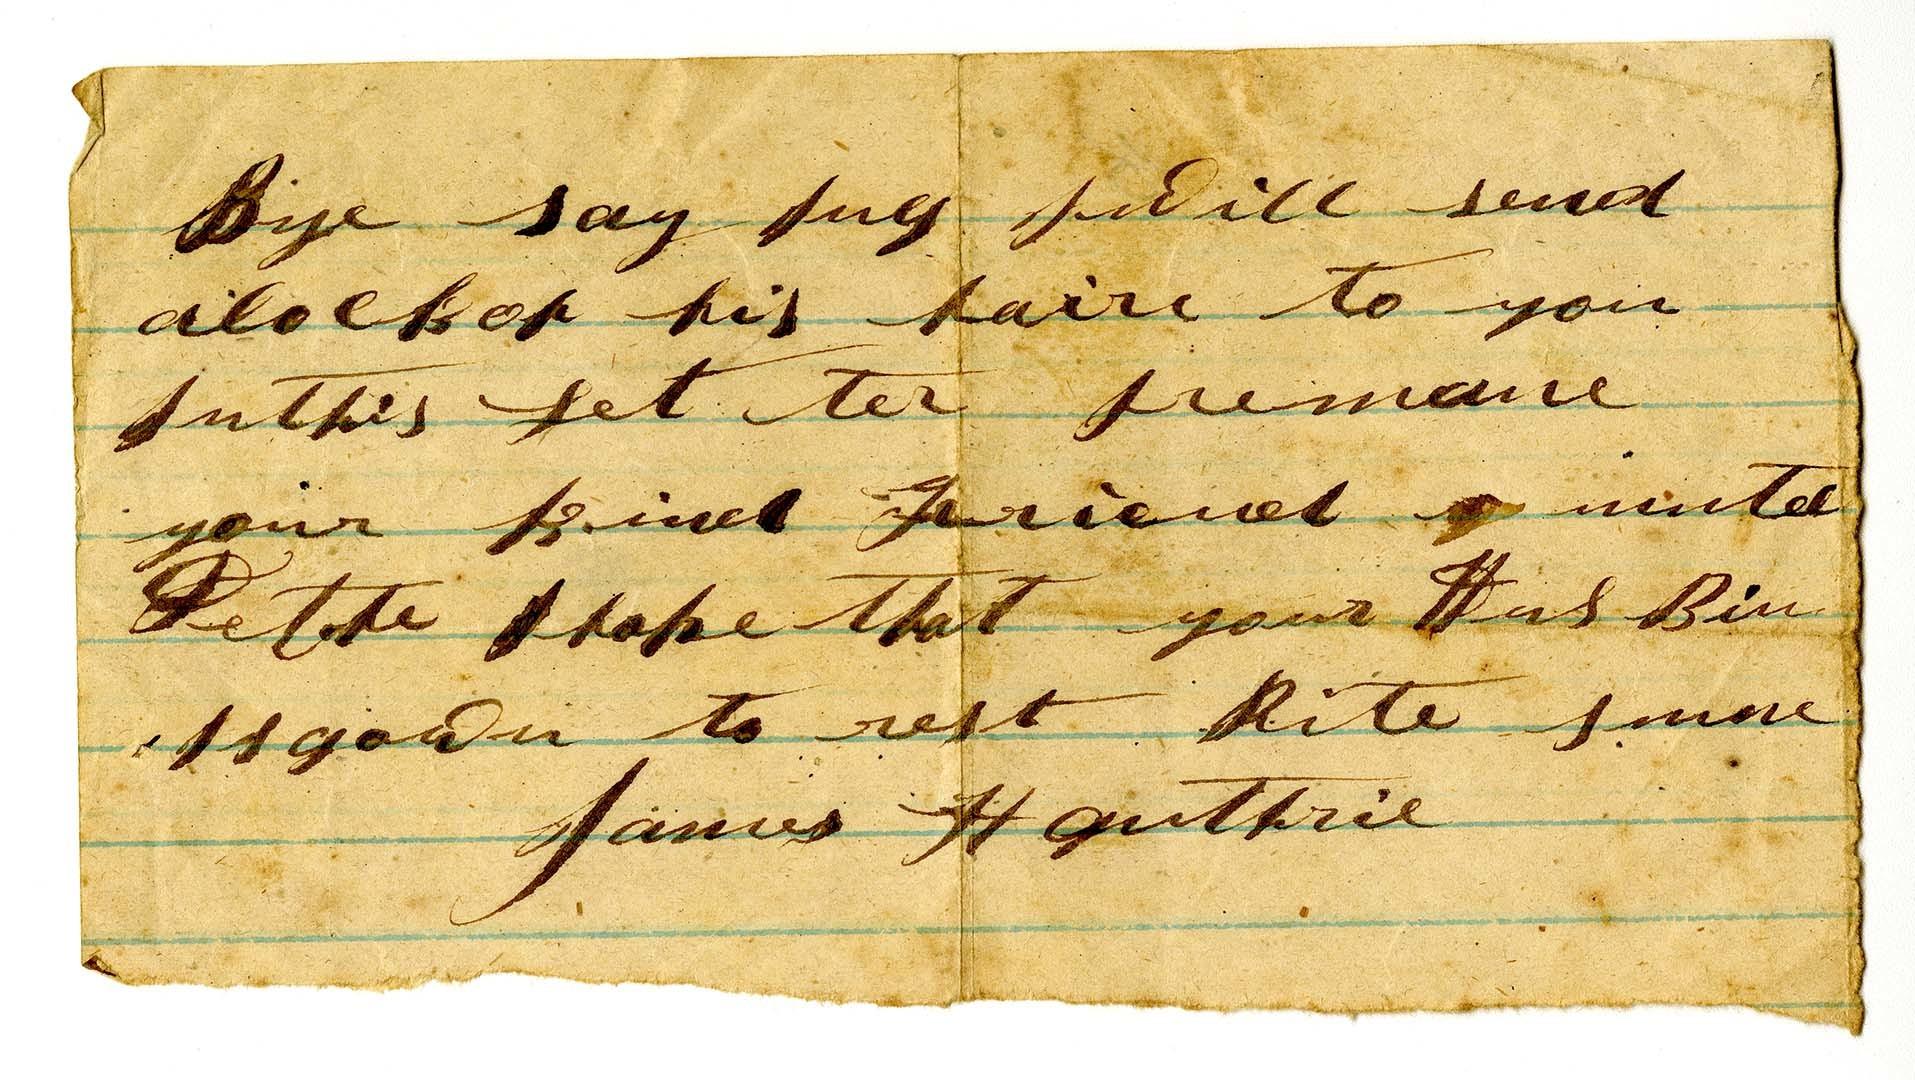 Ms1998_001_HuffHylton_Letter_1864_02xx.jpg